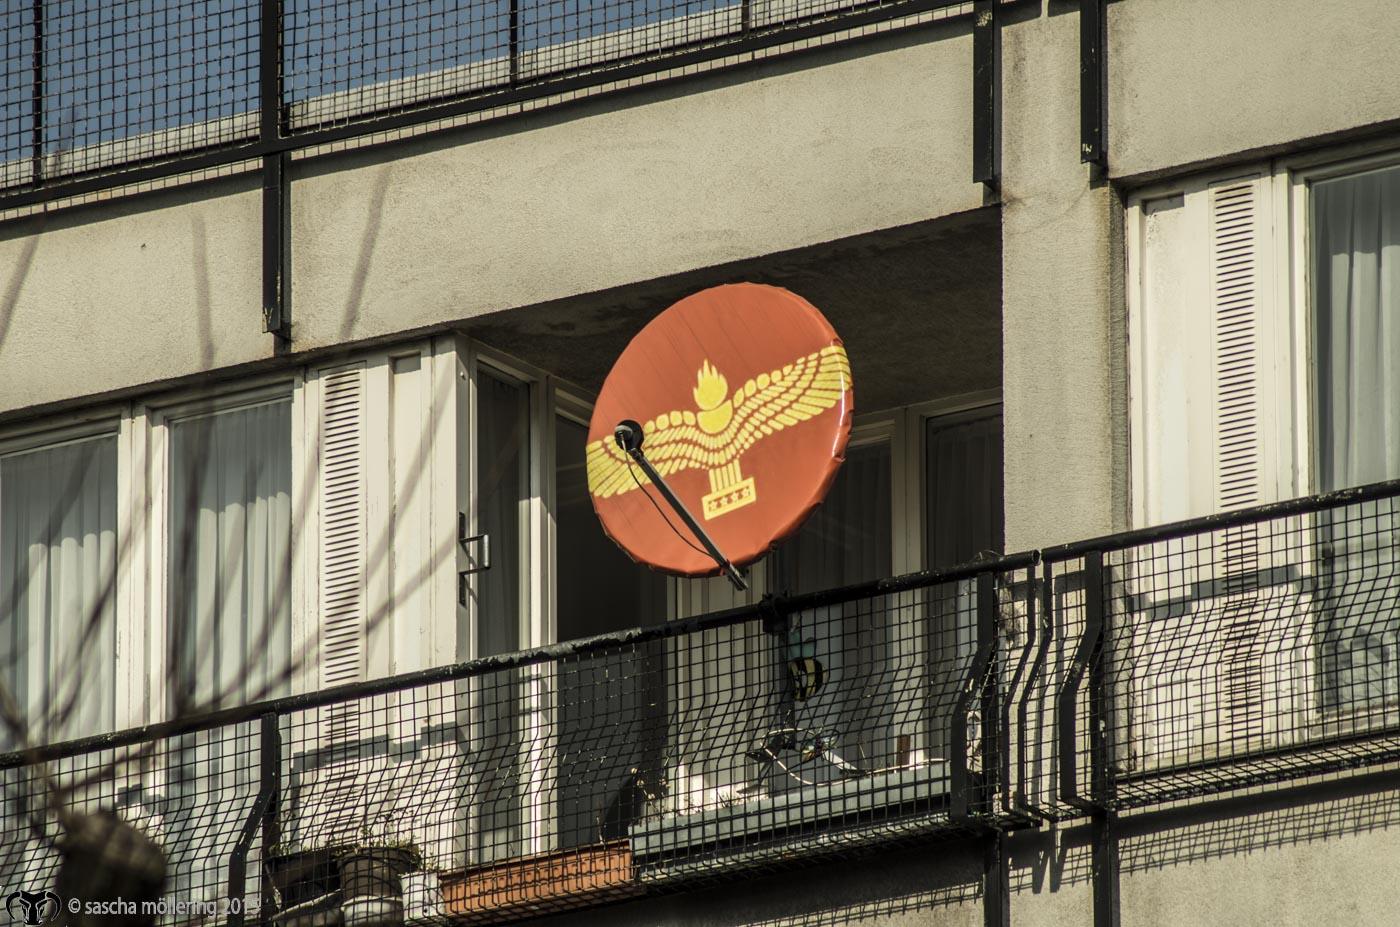 Bis heute für uns ungelöst ist die Frage, was dies für ein Emblem ist, wir vermuten ein Fussballverein, Wisst Ihr's?